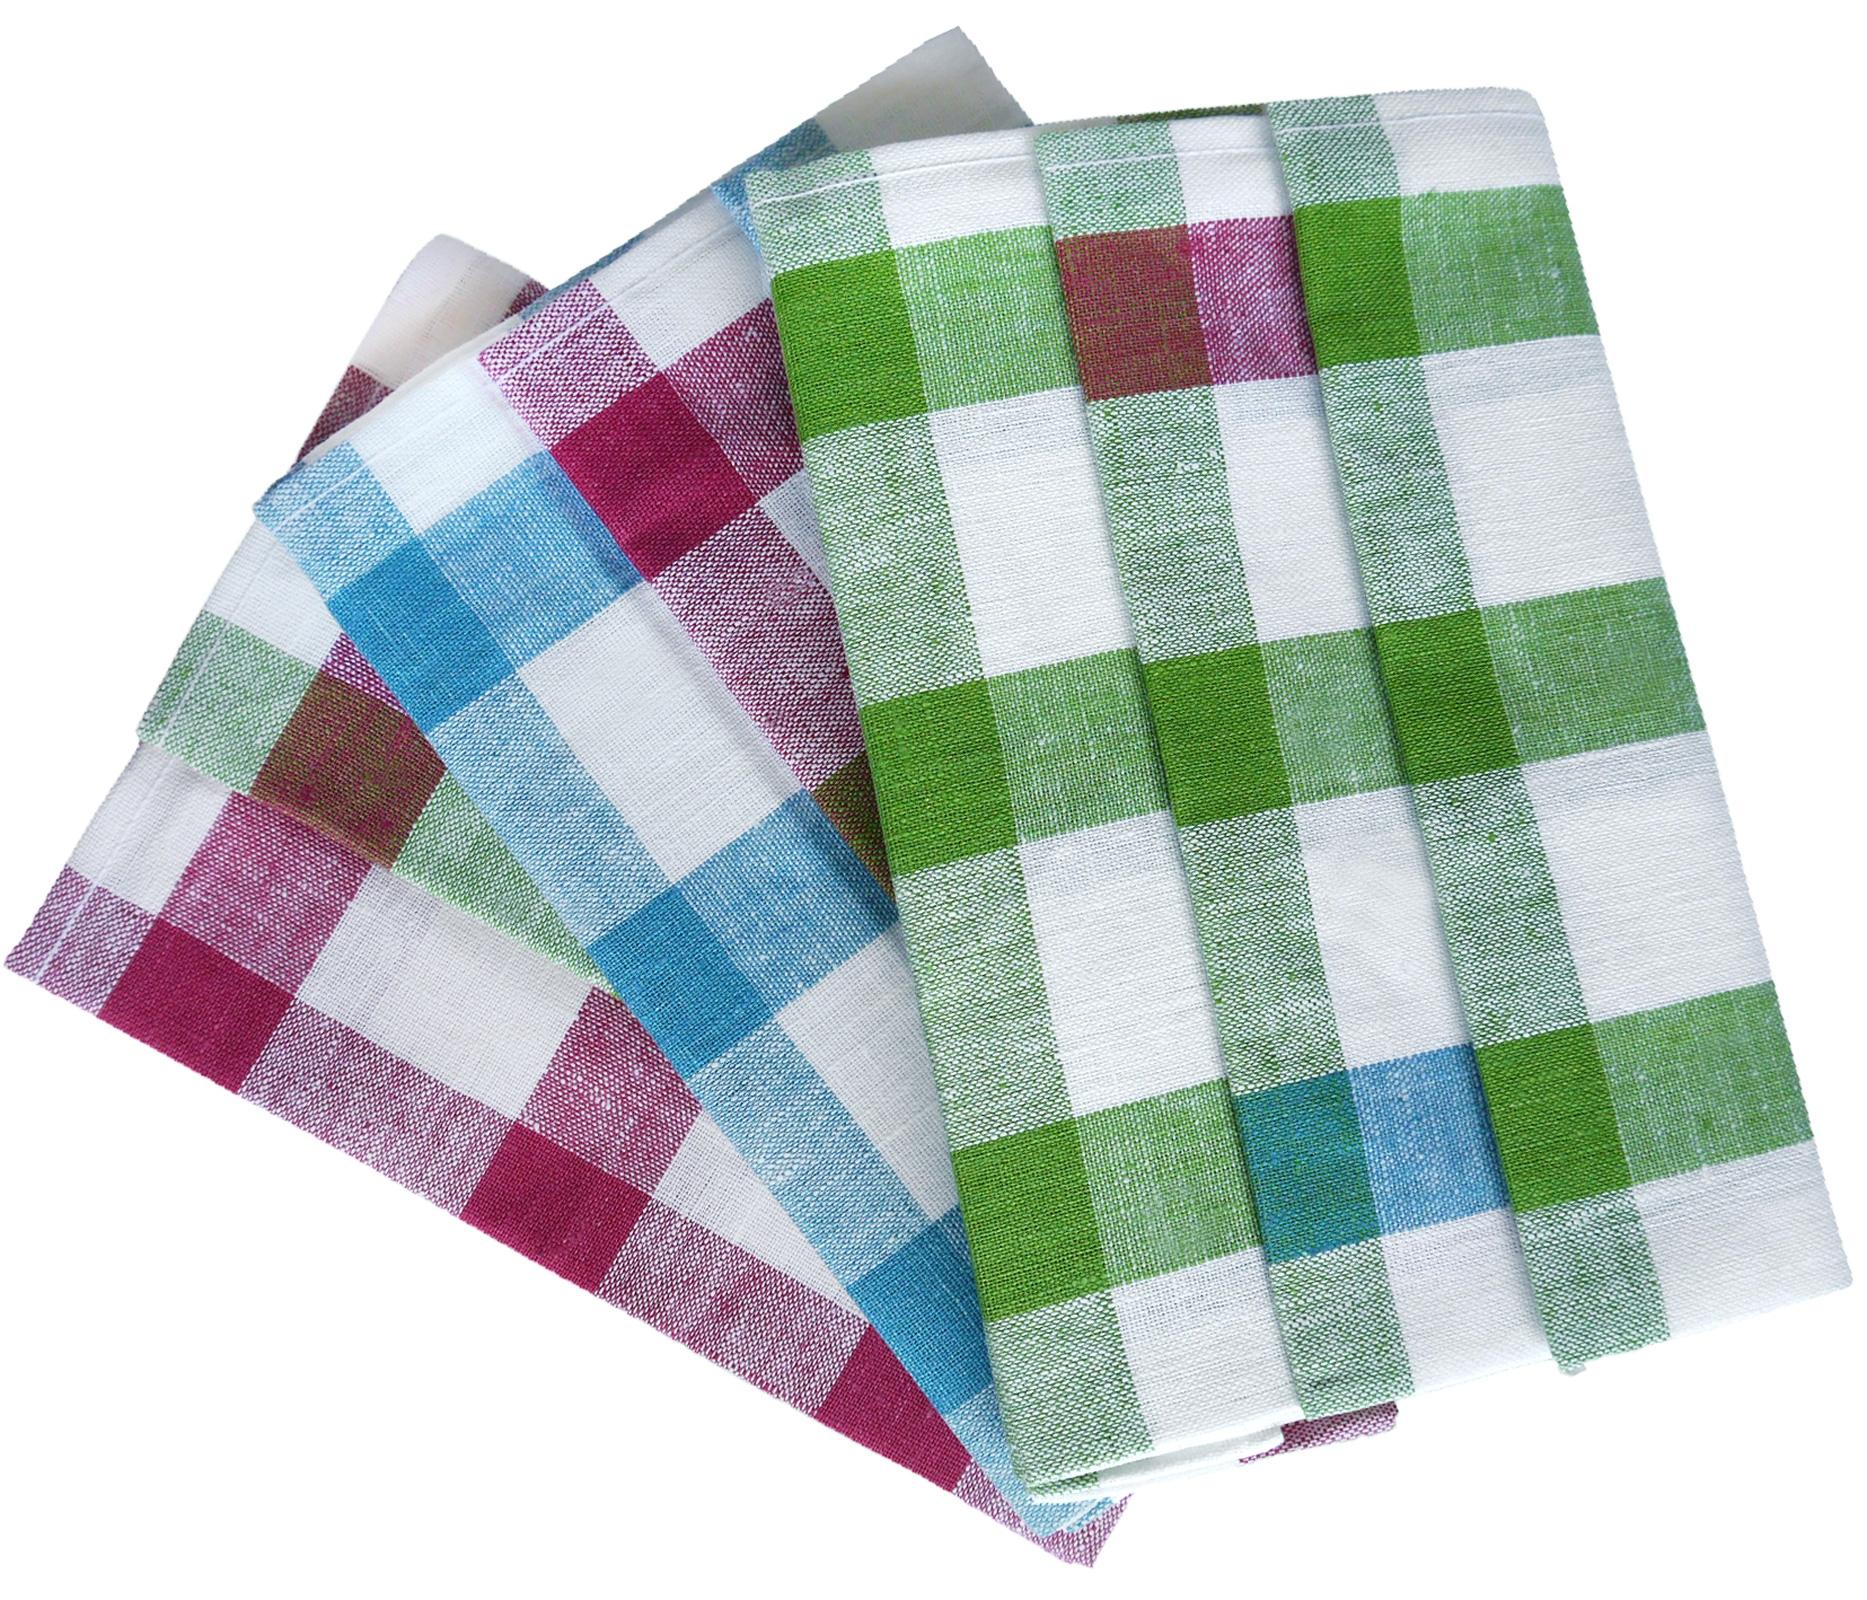 Küchentextilien - 3er Pack 100 Leinen Geschirrtücher Gläsertücher Karo Reinleinen 50x70 cm verschiedene Farben  - Onlineshop PremiumShop321